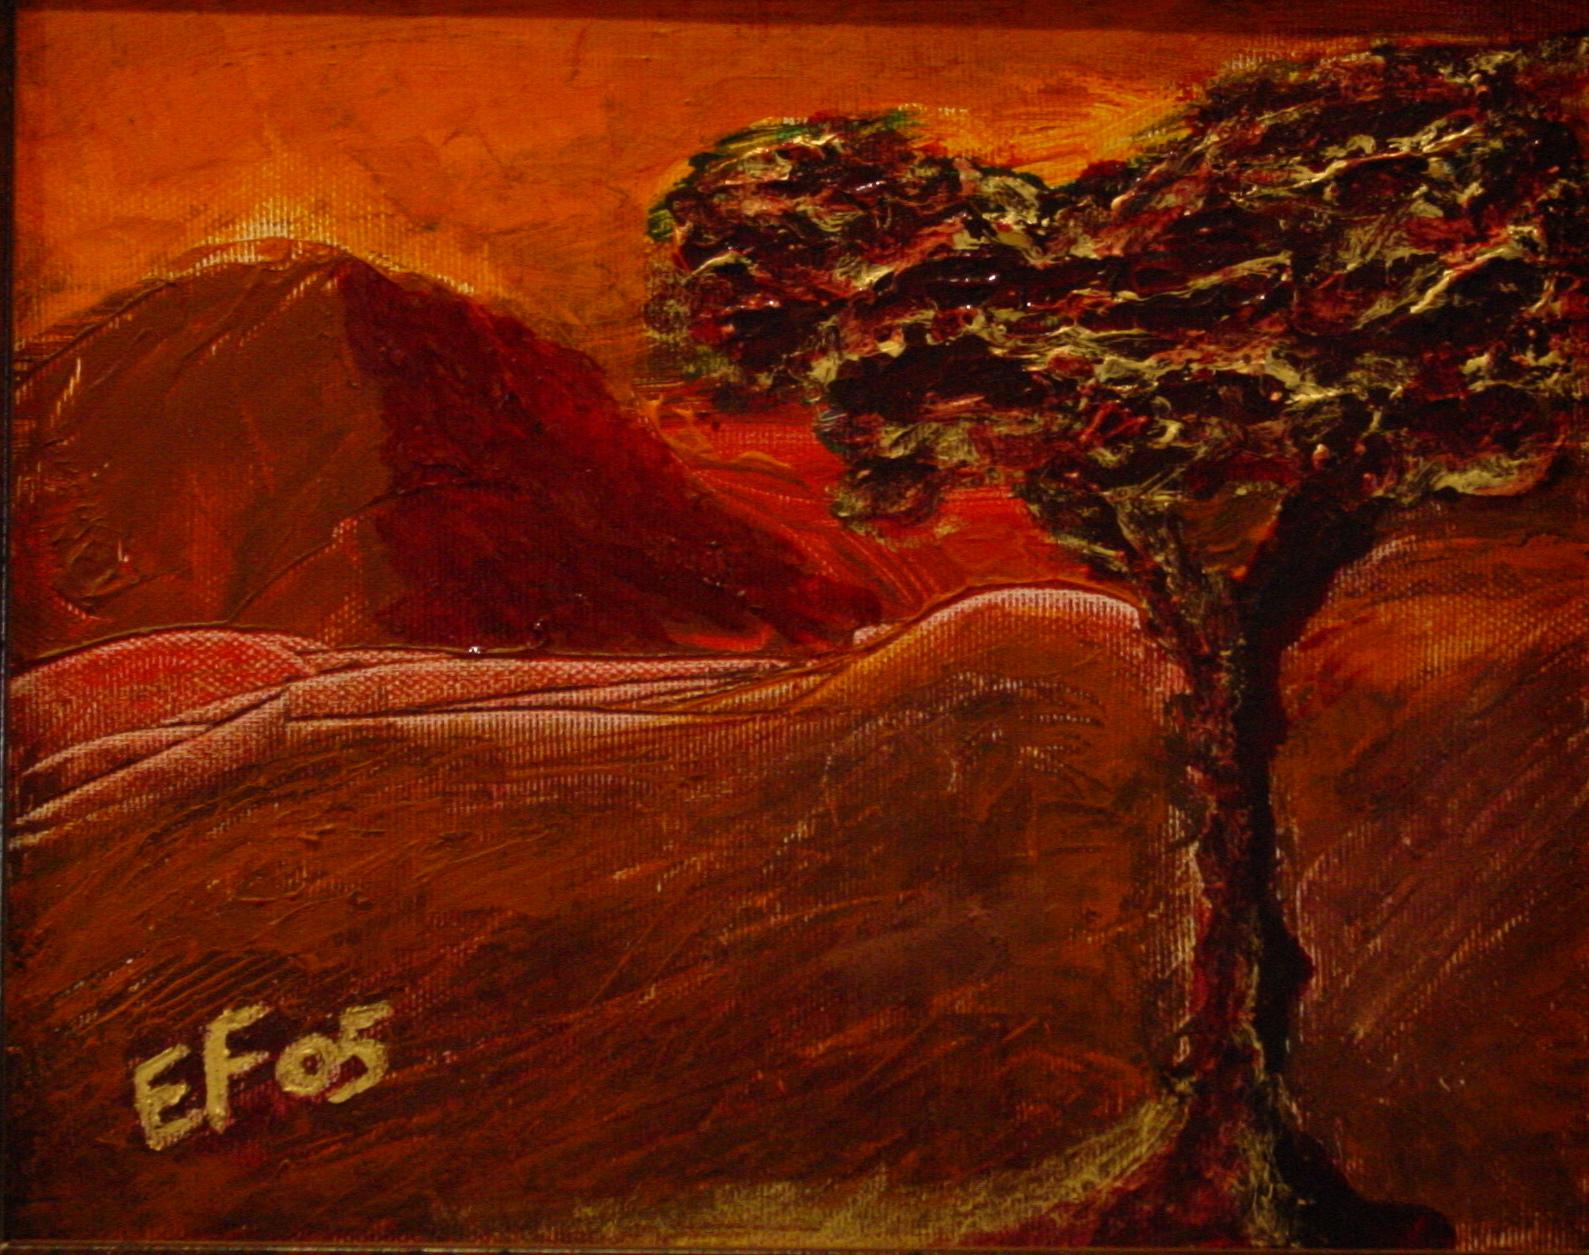 E' natale nella mia Africa - NATALE 2005 - tecnica mista su tela 20x 25 x vivi